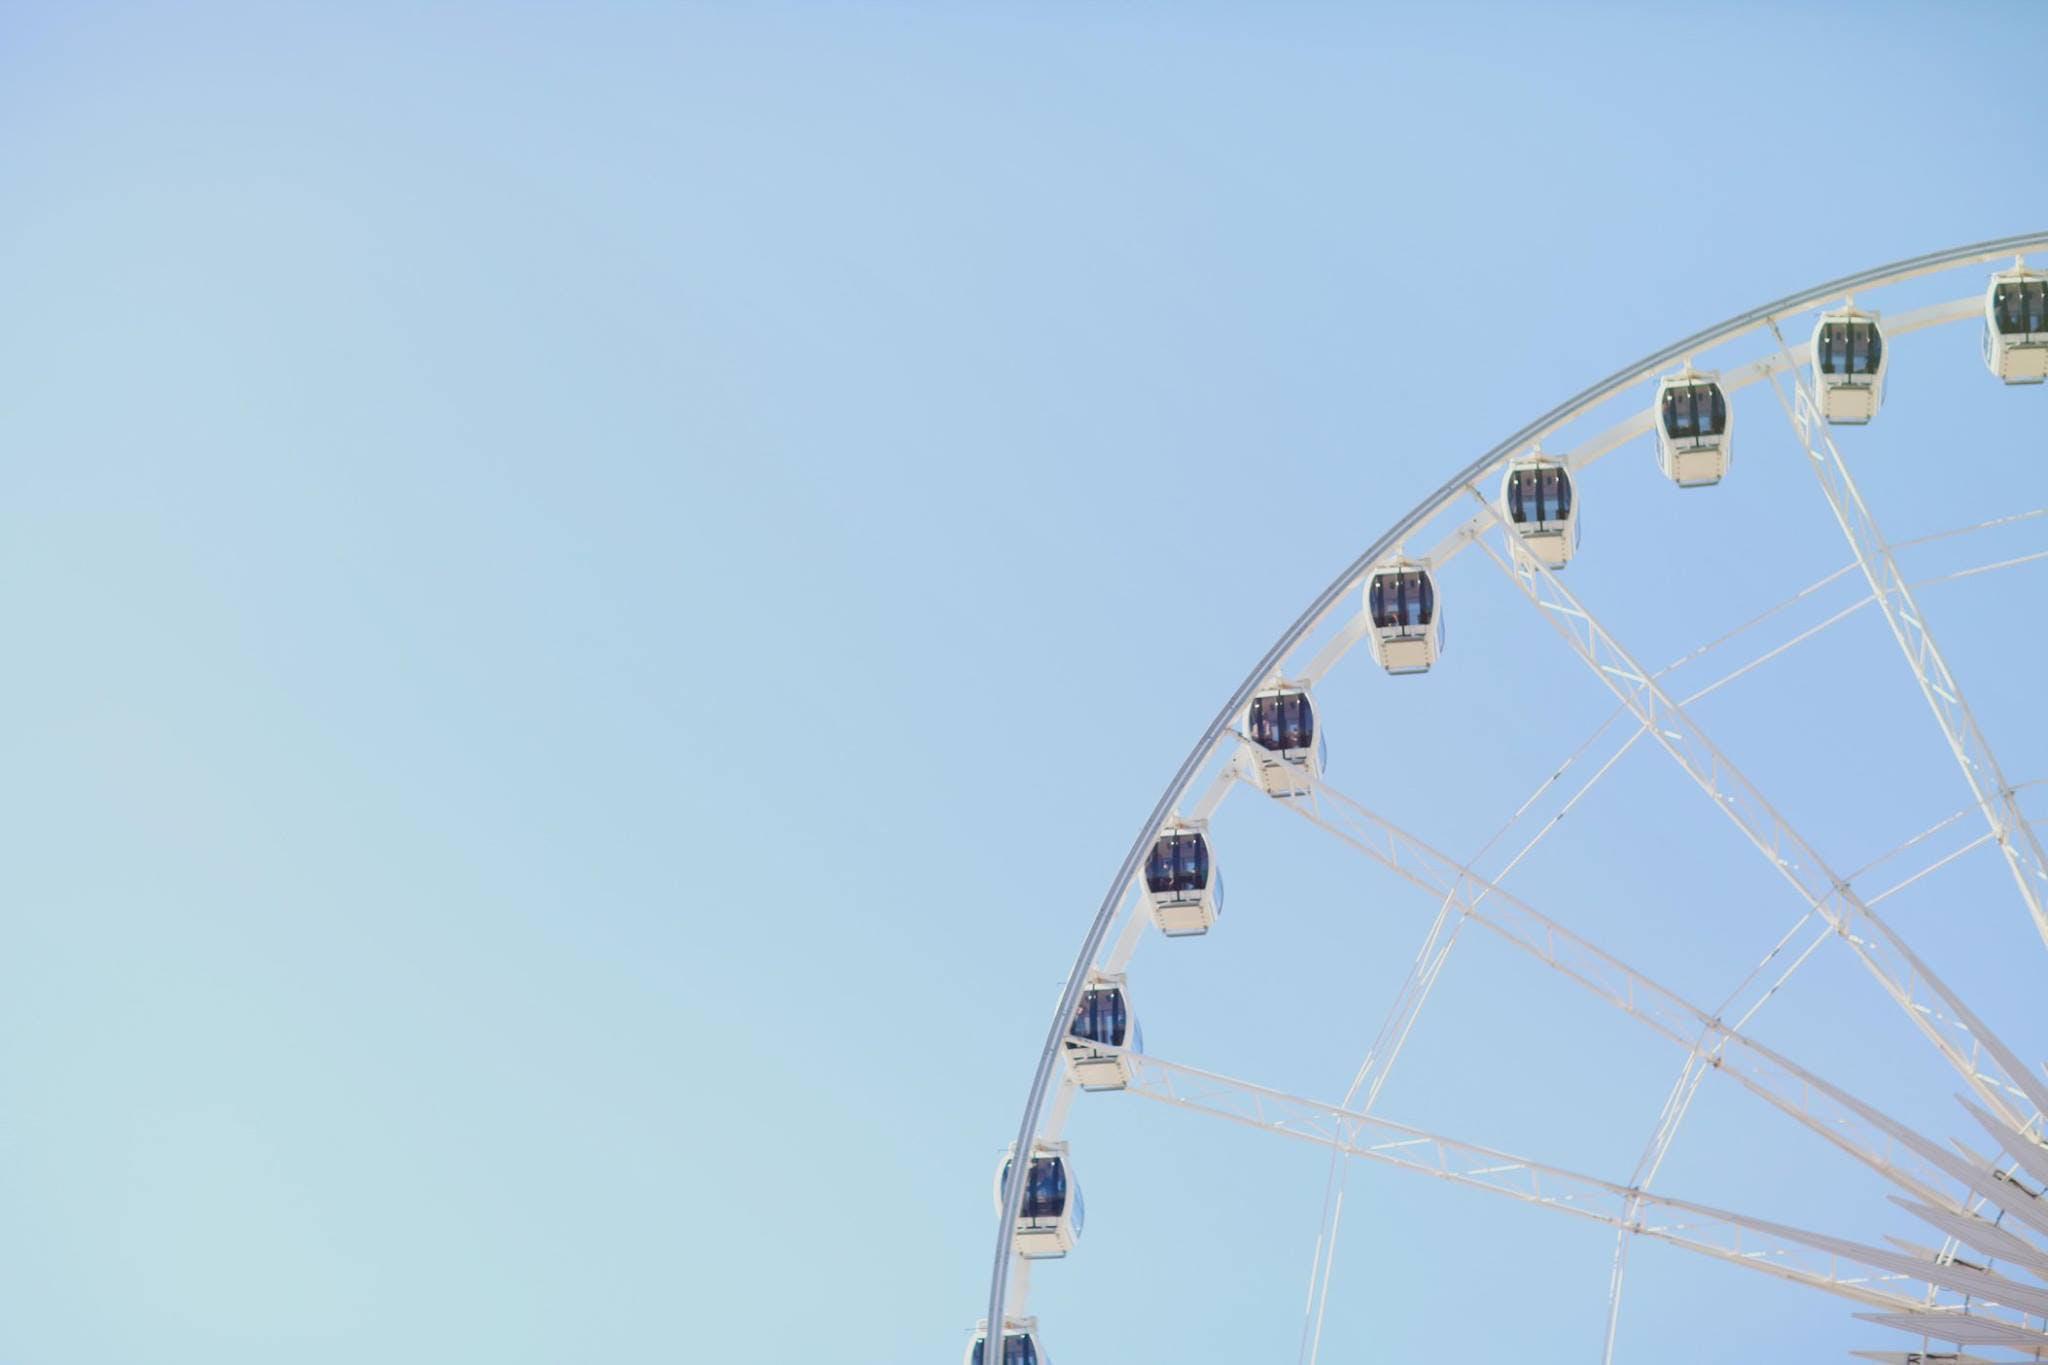 Kostenloses Stock Foto zu blauer himmel, draußen, fahrten, freizeitpark